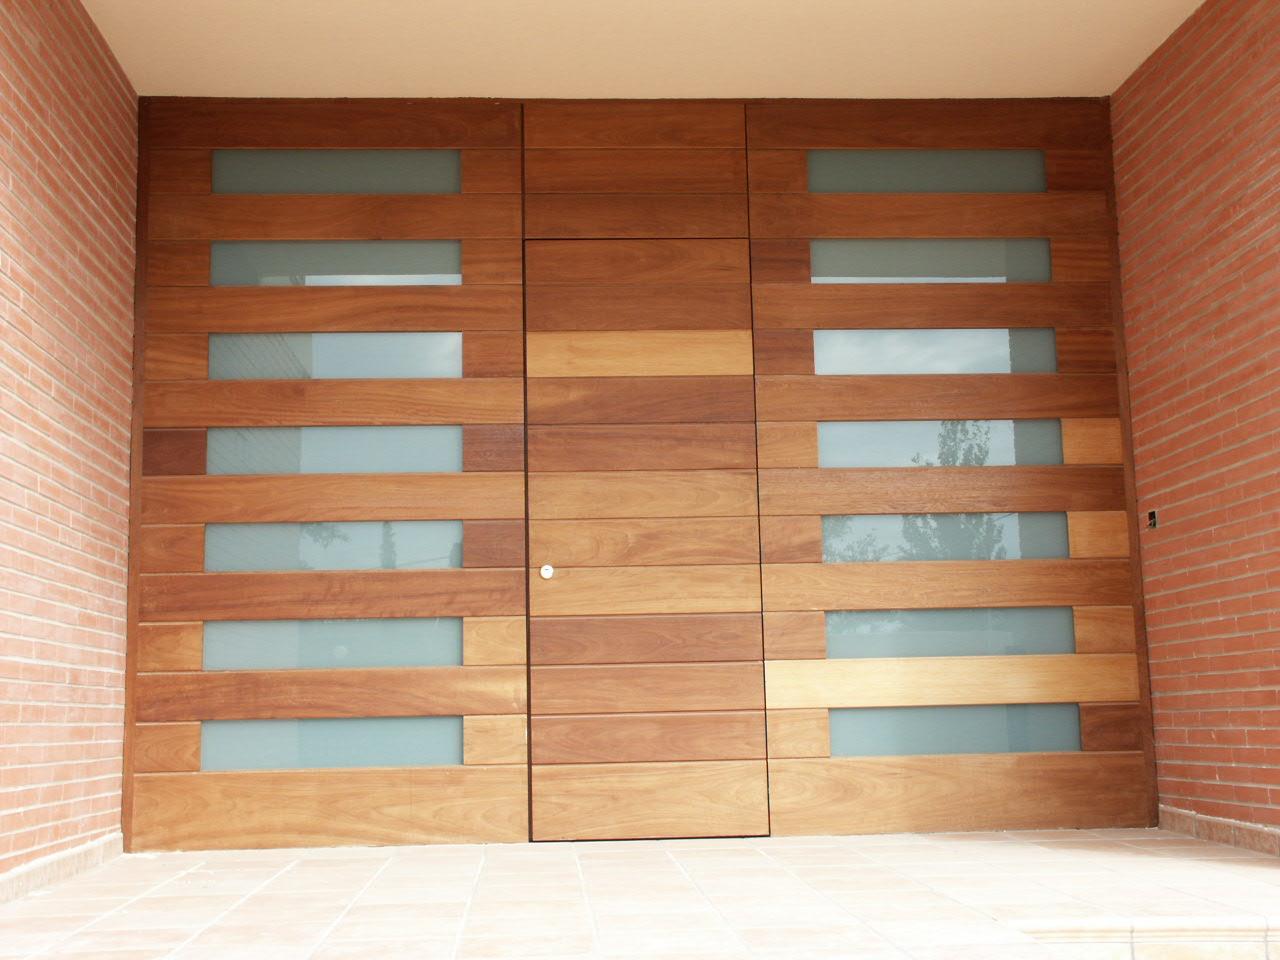 Galer a de fotos y ejemplos de puertas tecemur for Puertas madera y cristal interior